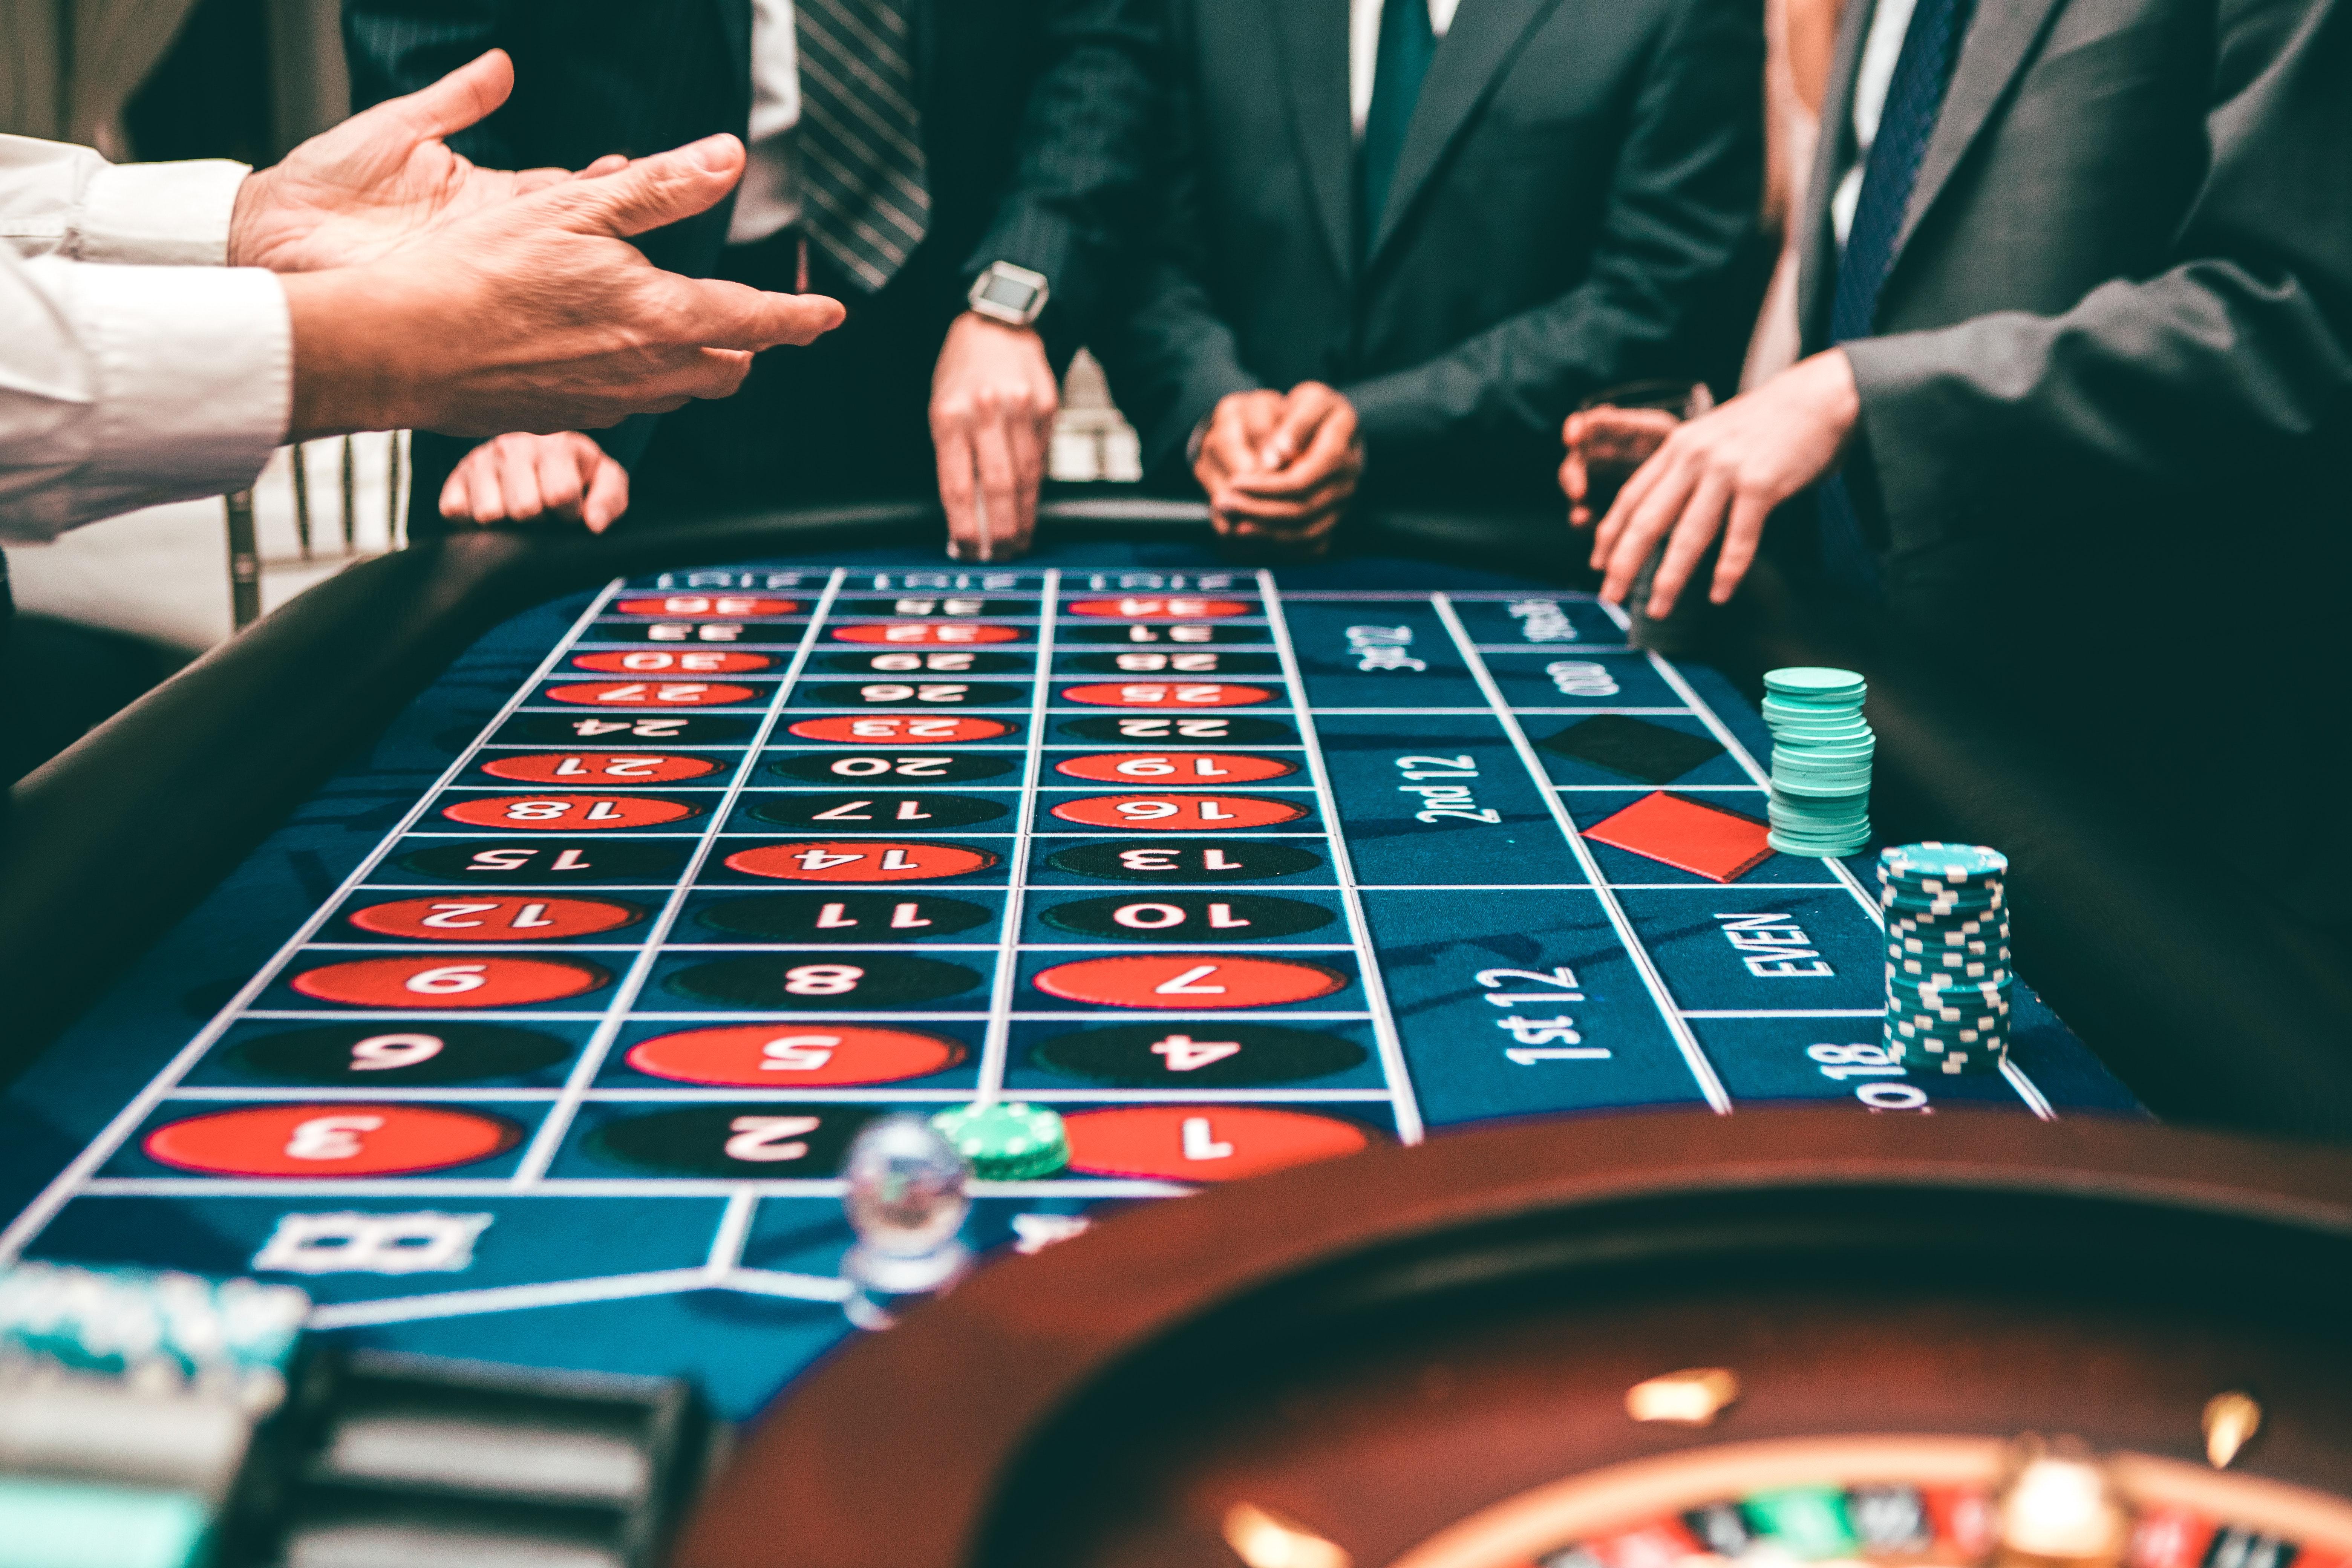 【孫廷禎觀點】當政府成為慘賠全民利益的外交賭徒